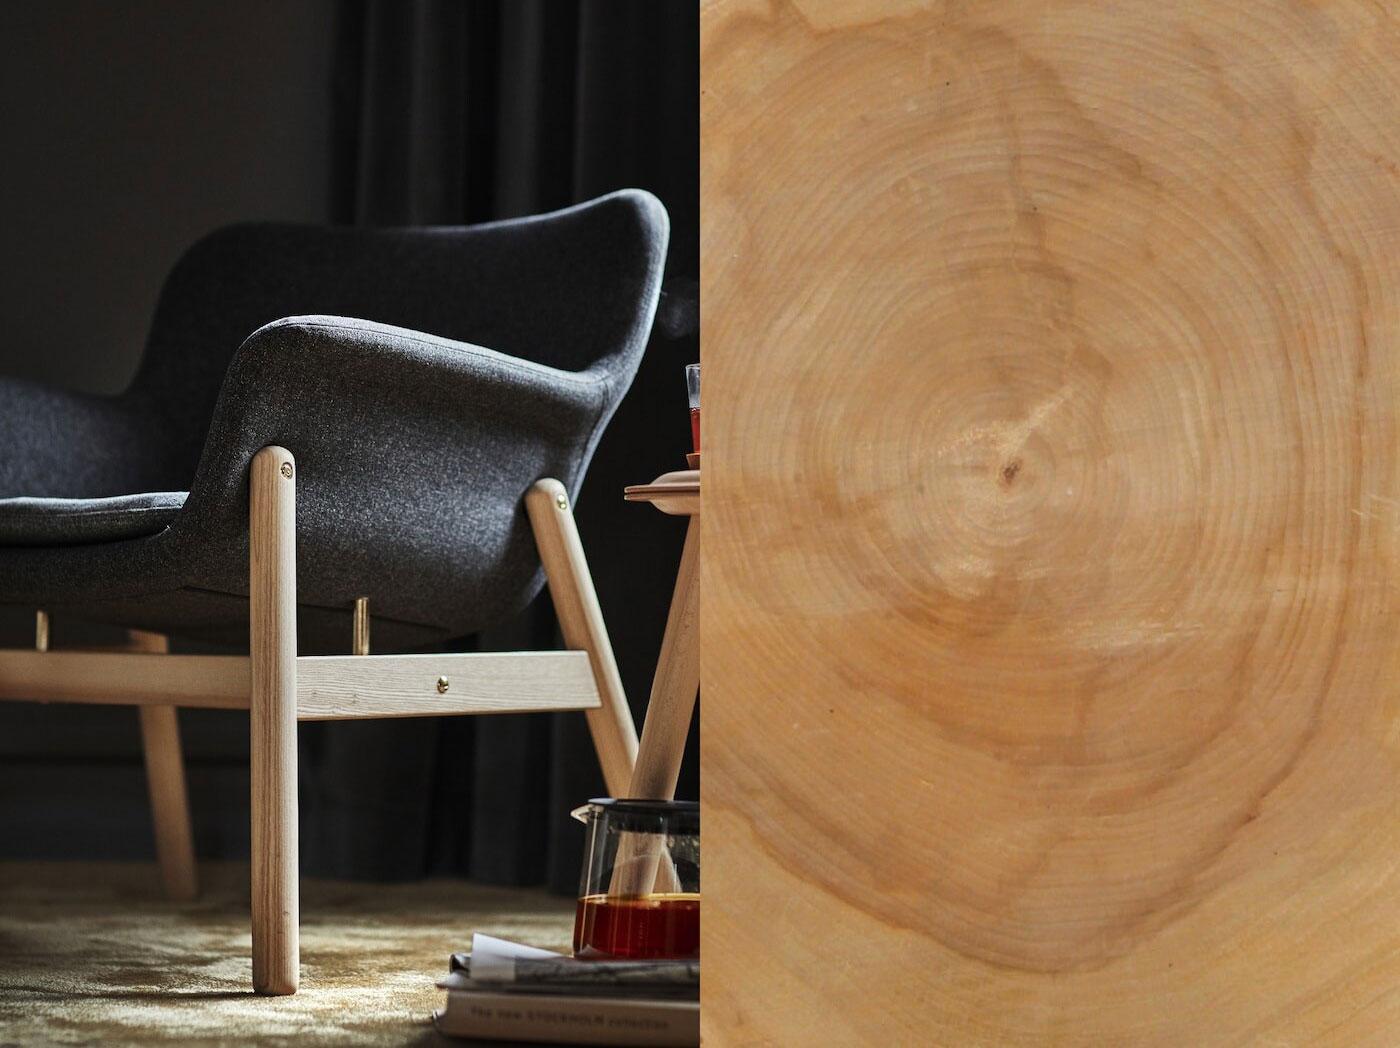 Rozdělená fotografie ukazující dřevěné prkno a hotové křeslo VEDBO s dřevěnými nohami a rámem.